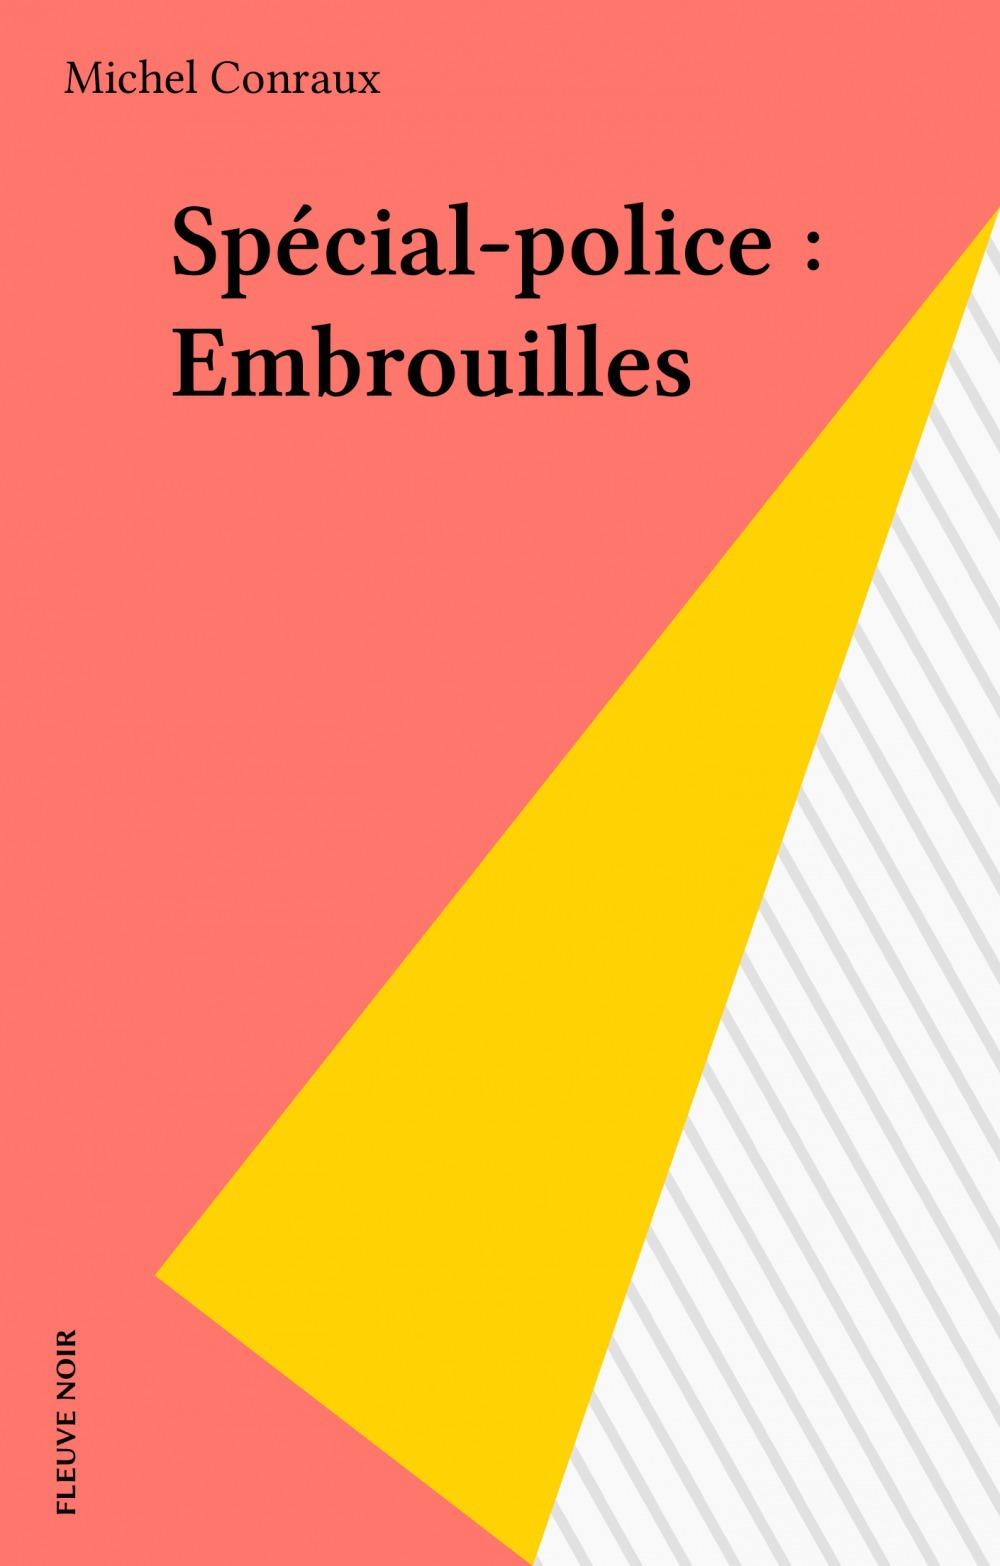 Spécial-police : Embrouilles  - Conraux/M  - Michel Conraux